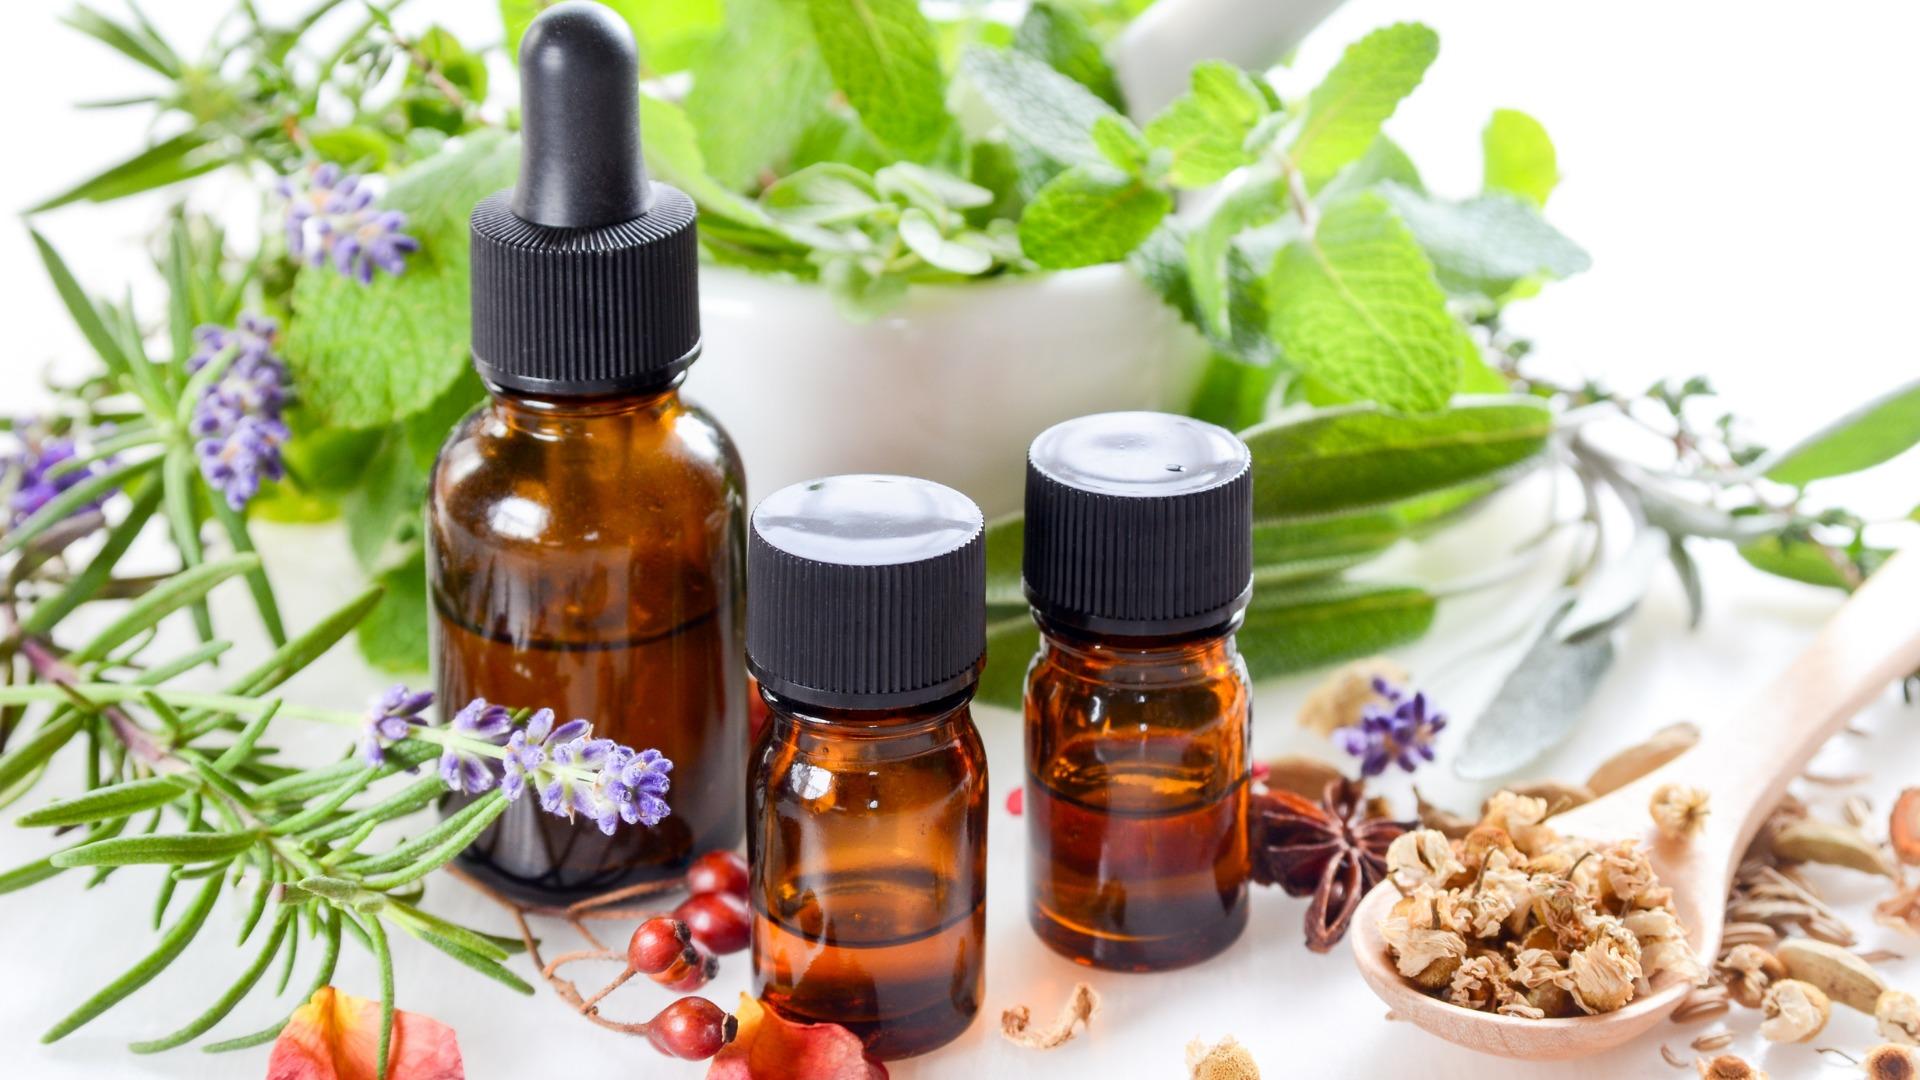 Les 5 huiles essentielles à utiliser pour booster sa productivité au travail